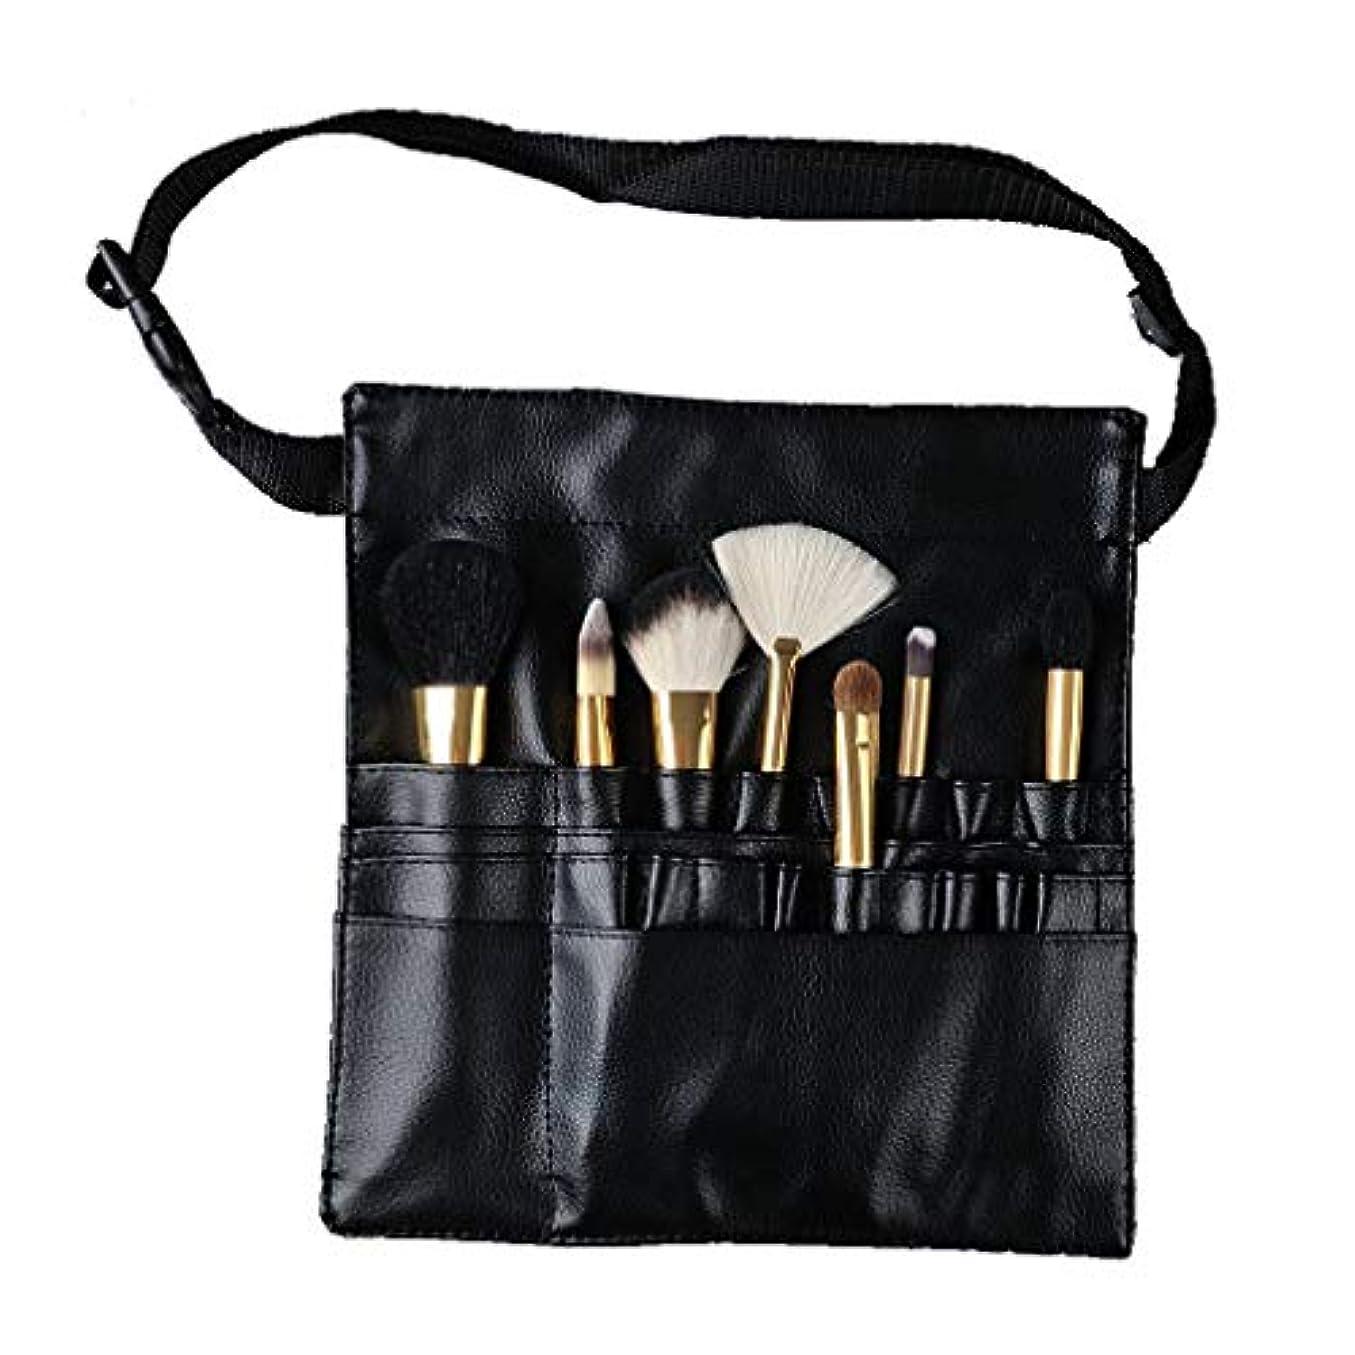 鉛筆格差連続したHonel メイクブラシケース 腰巻き メイクウエストバッグ 化粧バッグ 美容師 多機能収納 汚れ防止カバー シザーケース 化粧筆ケース